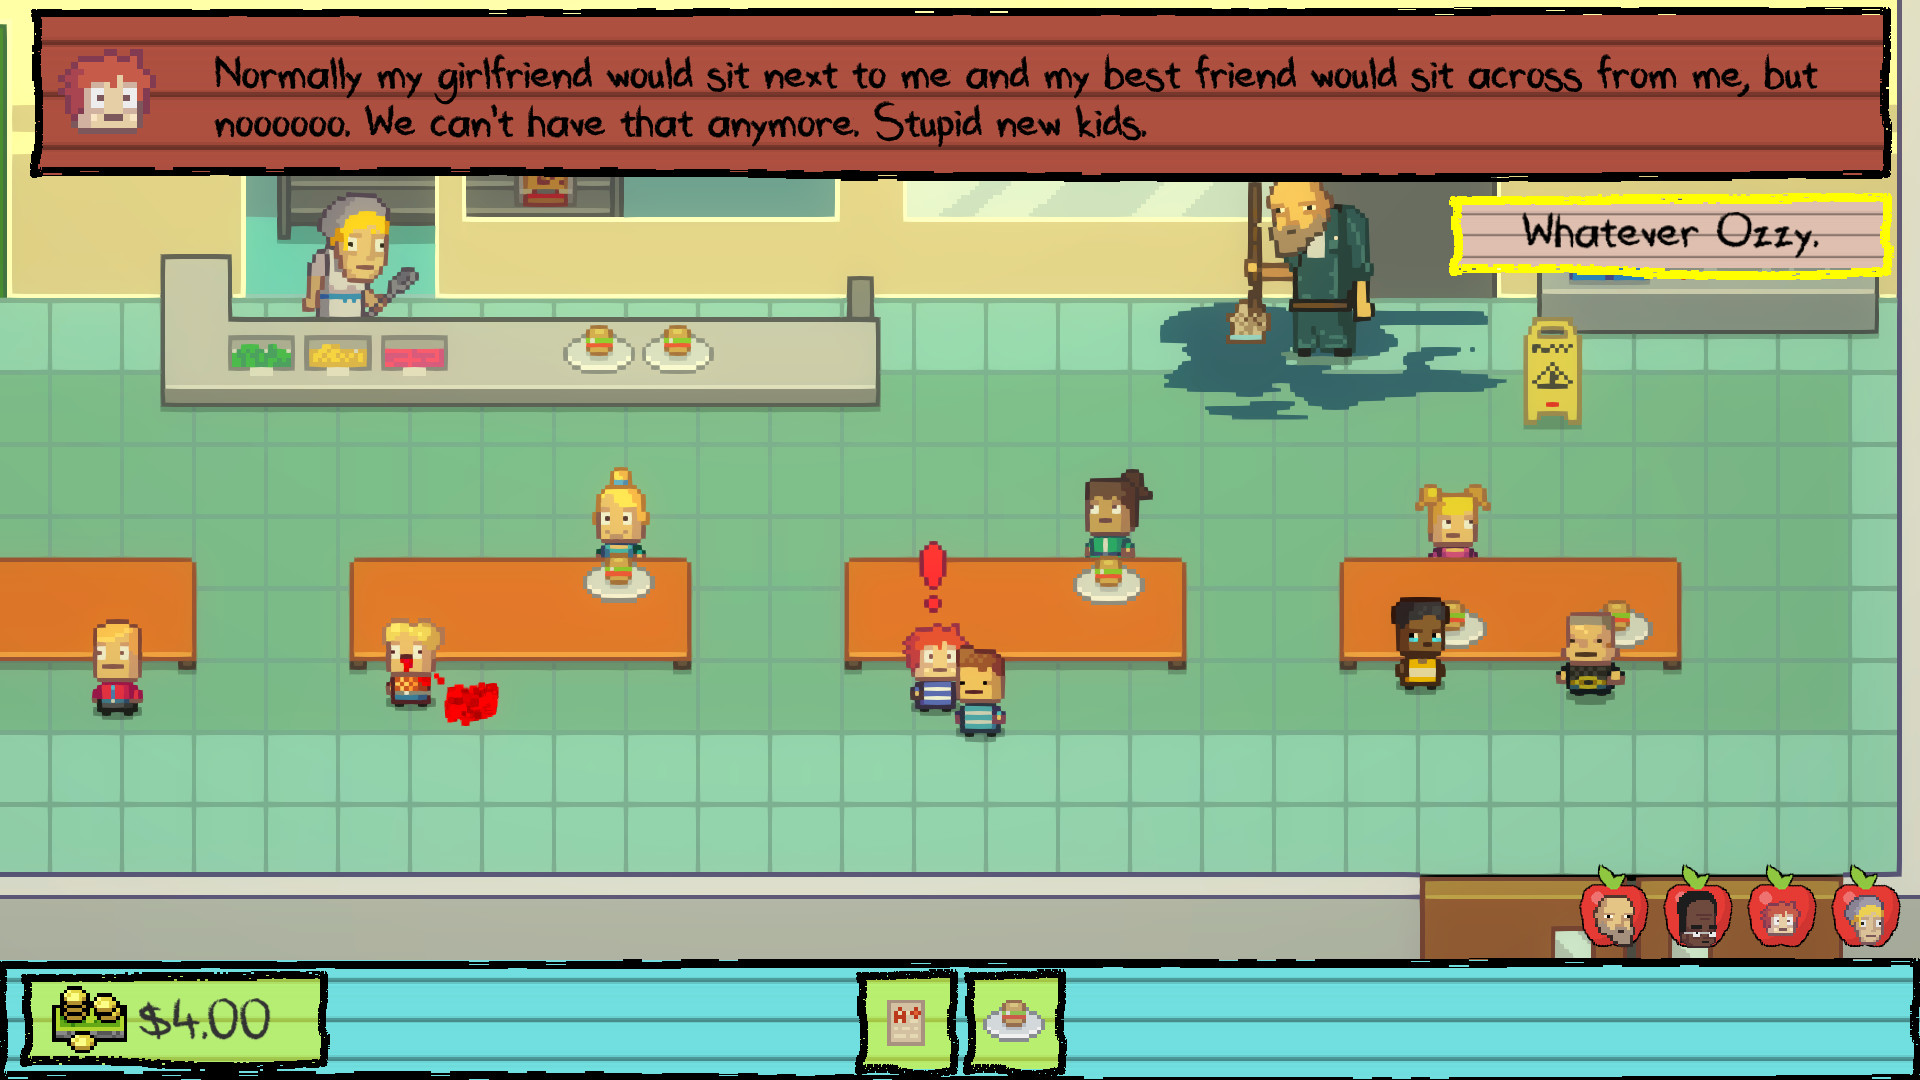 Kinder gratuit site- ul de dating